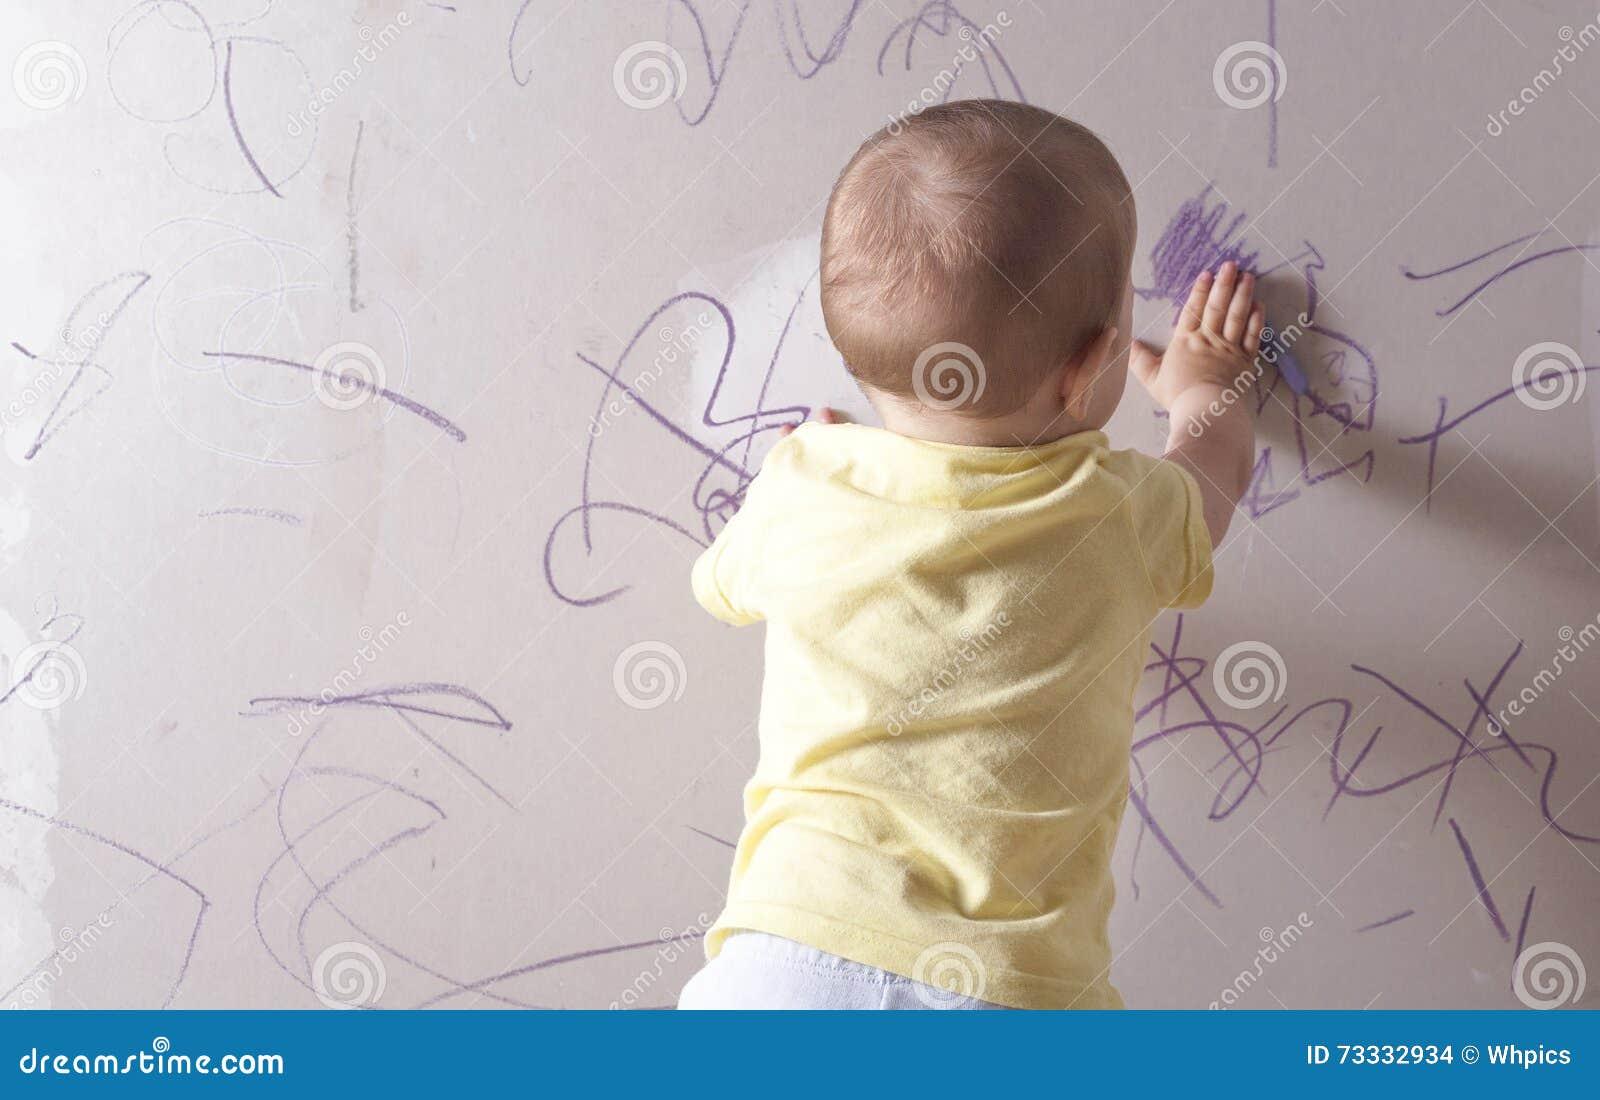 babyzeichnung auf gipskartonwand stockfoto - bild von schätzchen